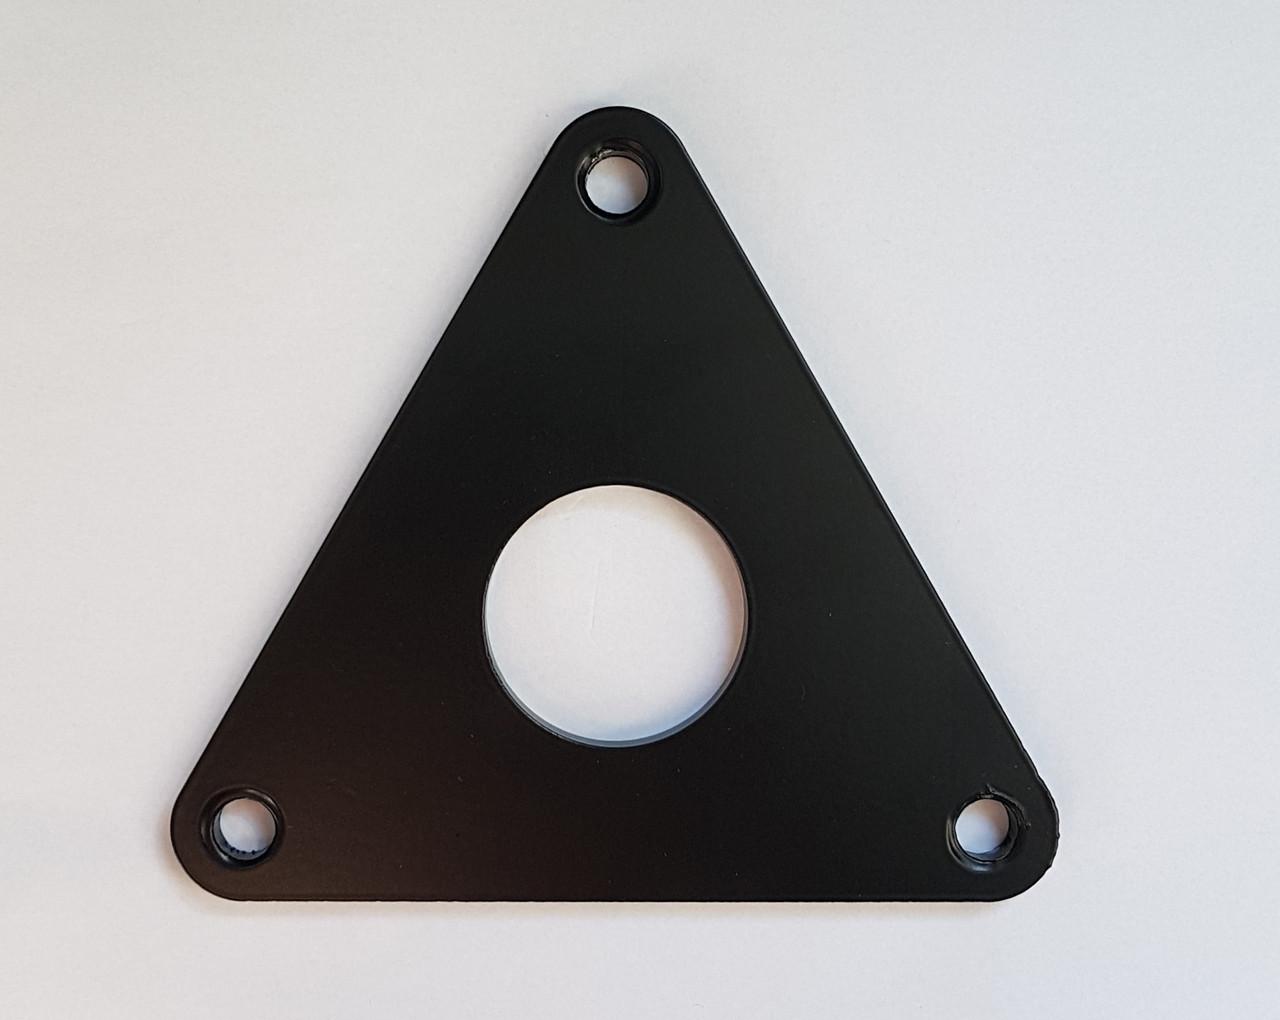 Треугольник для воздушных ремней